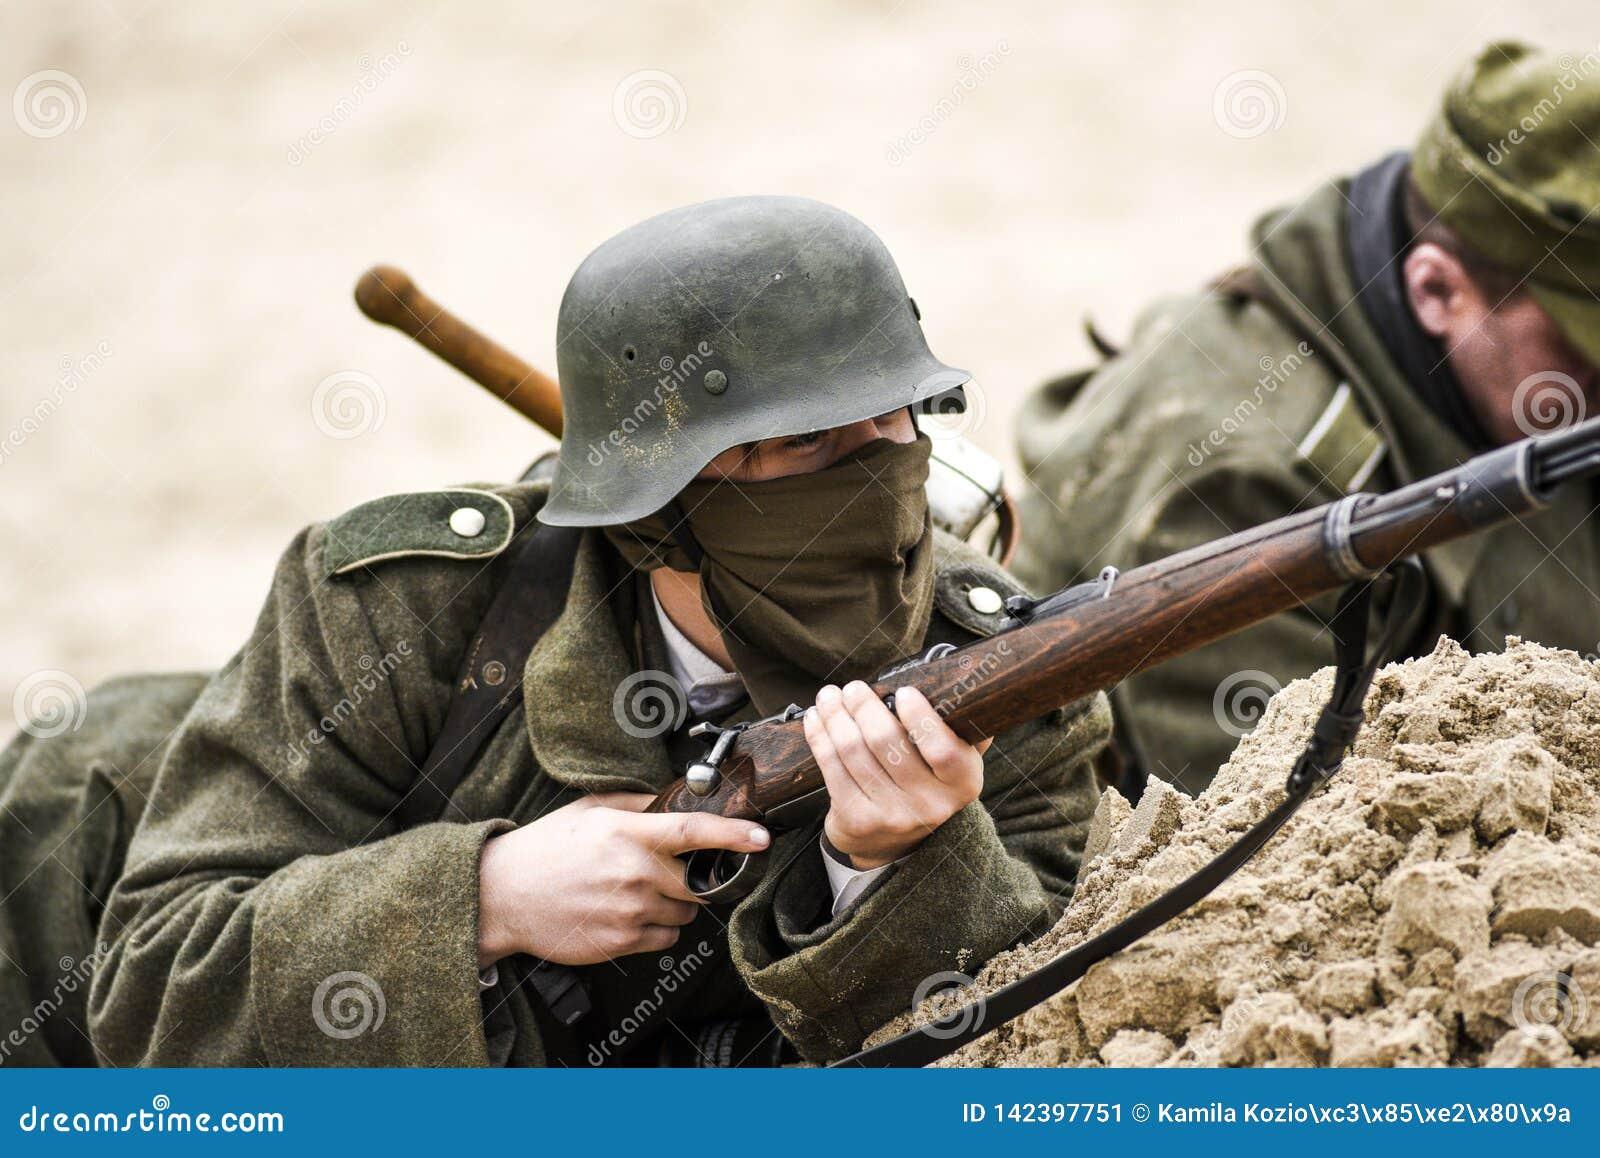 Un soldat allemand dans un fossé avec un fusil dans sa main Reconstitution historique de la bataille